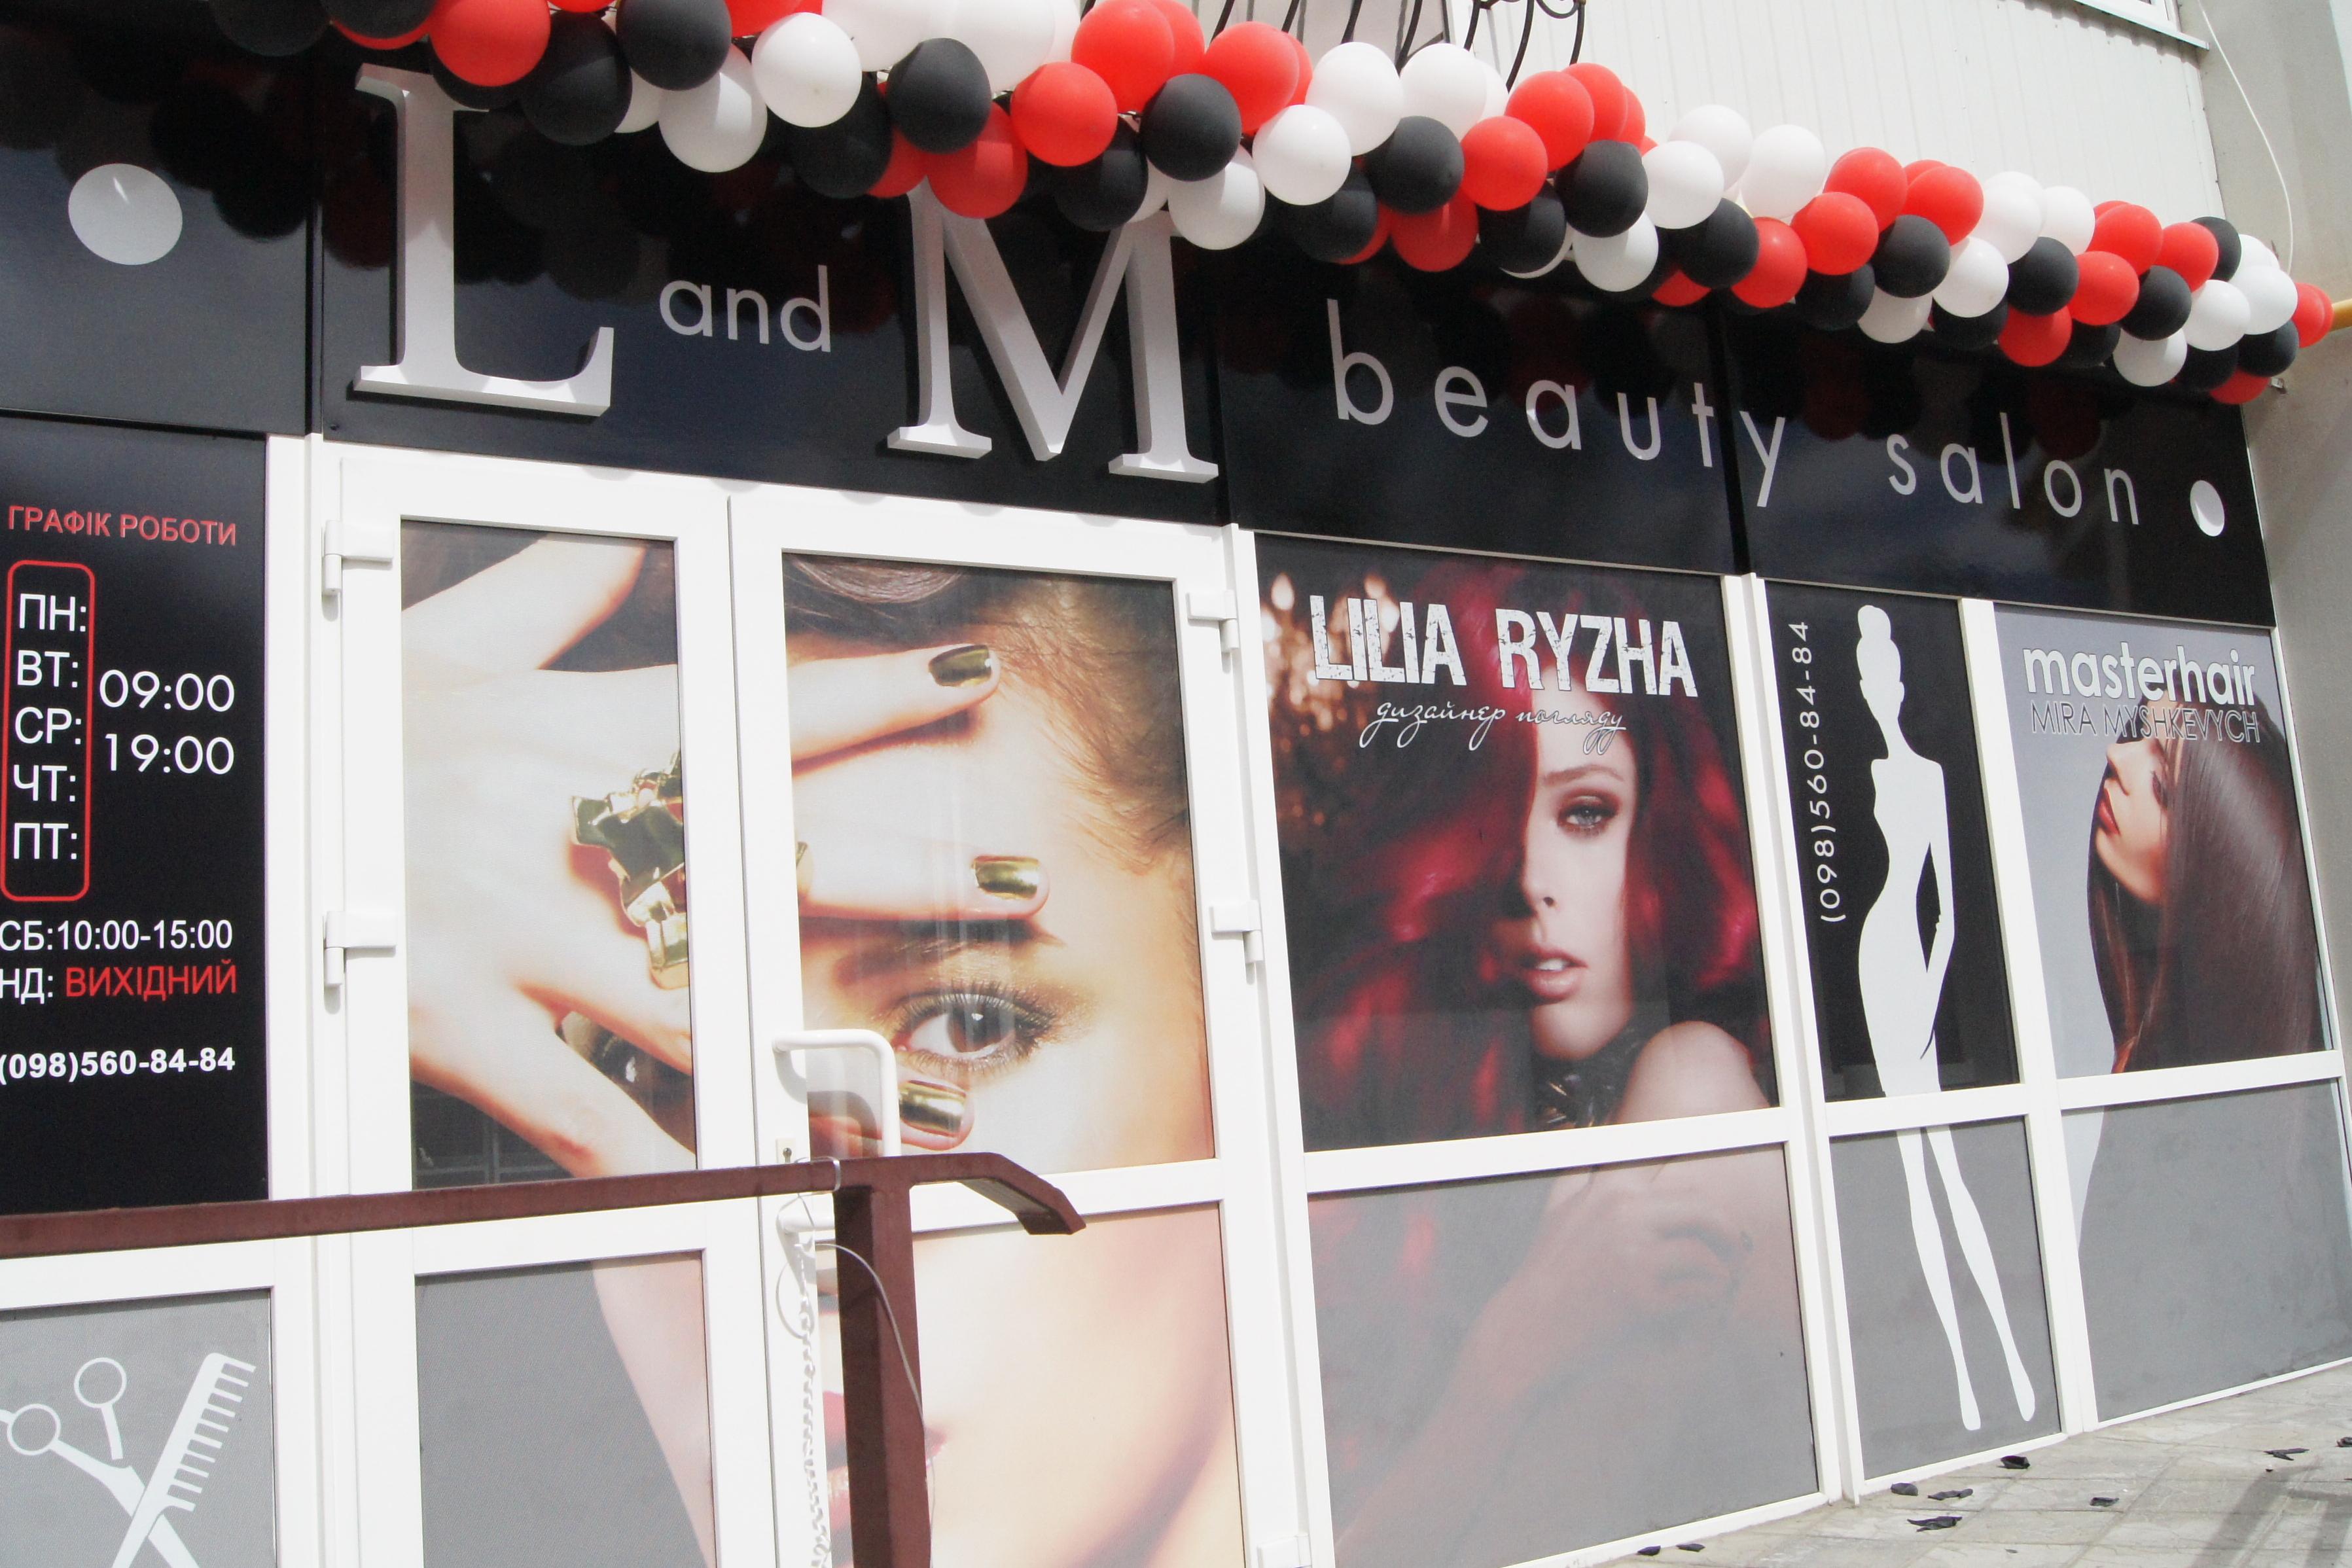 """c99e9a6387f352 У Рівному відкрили сучасний """"L and M beauty salon"""" [ФОТО] - КРАПКА"""